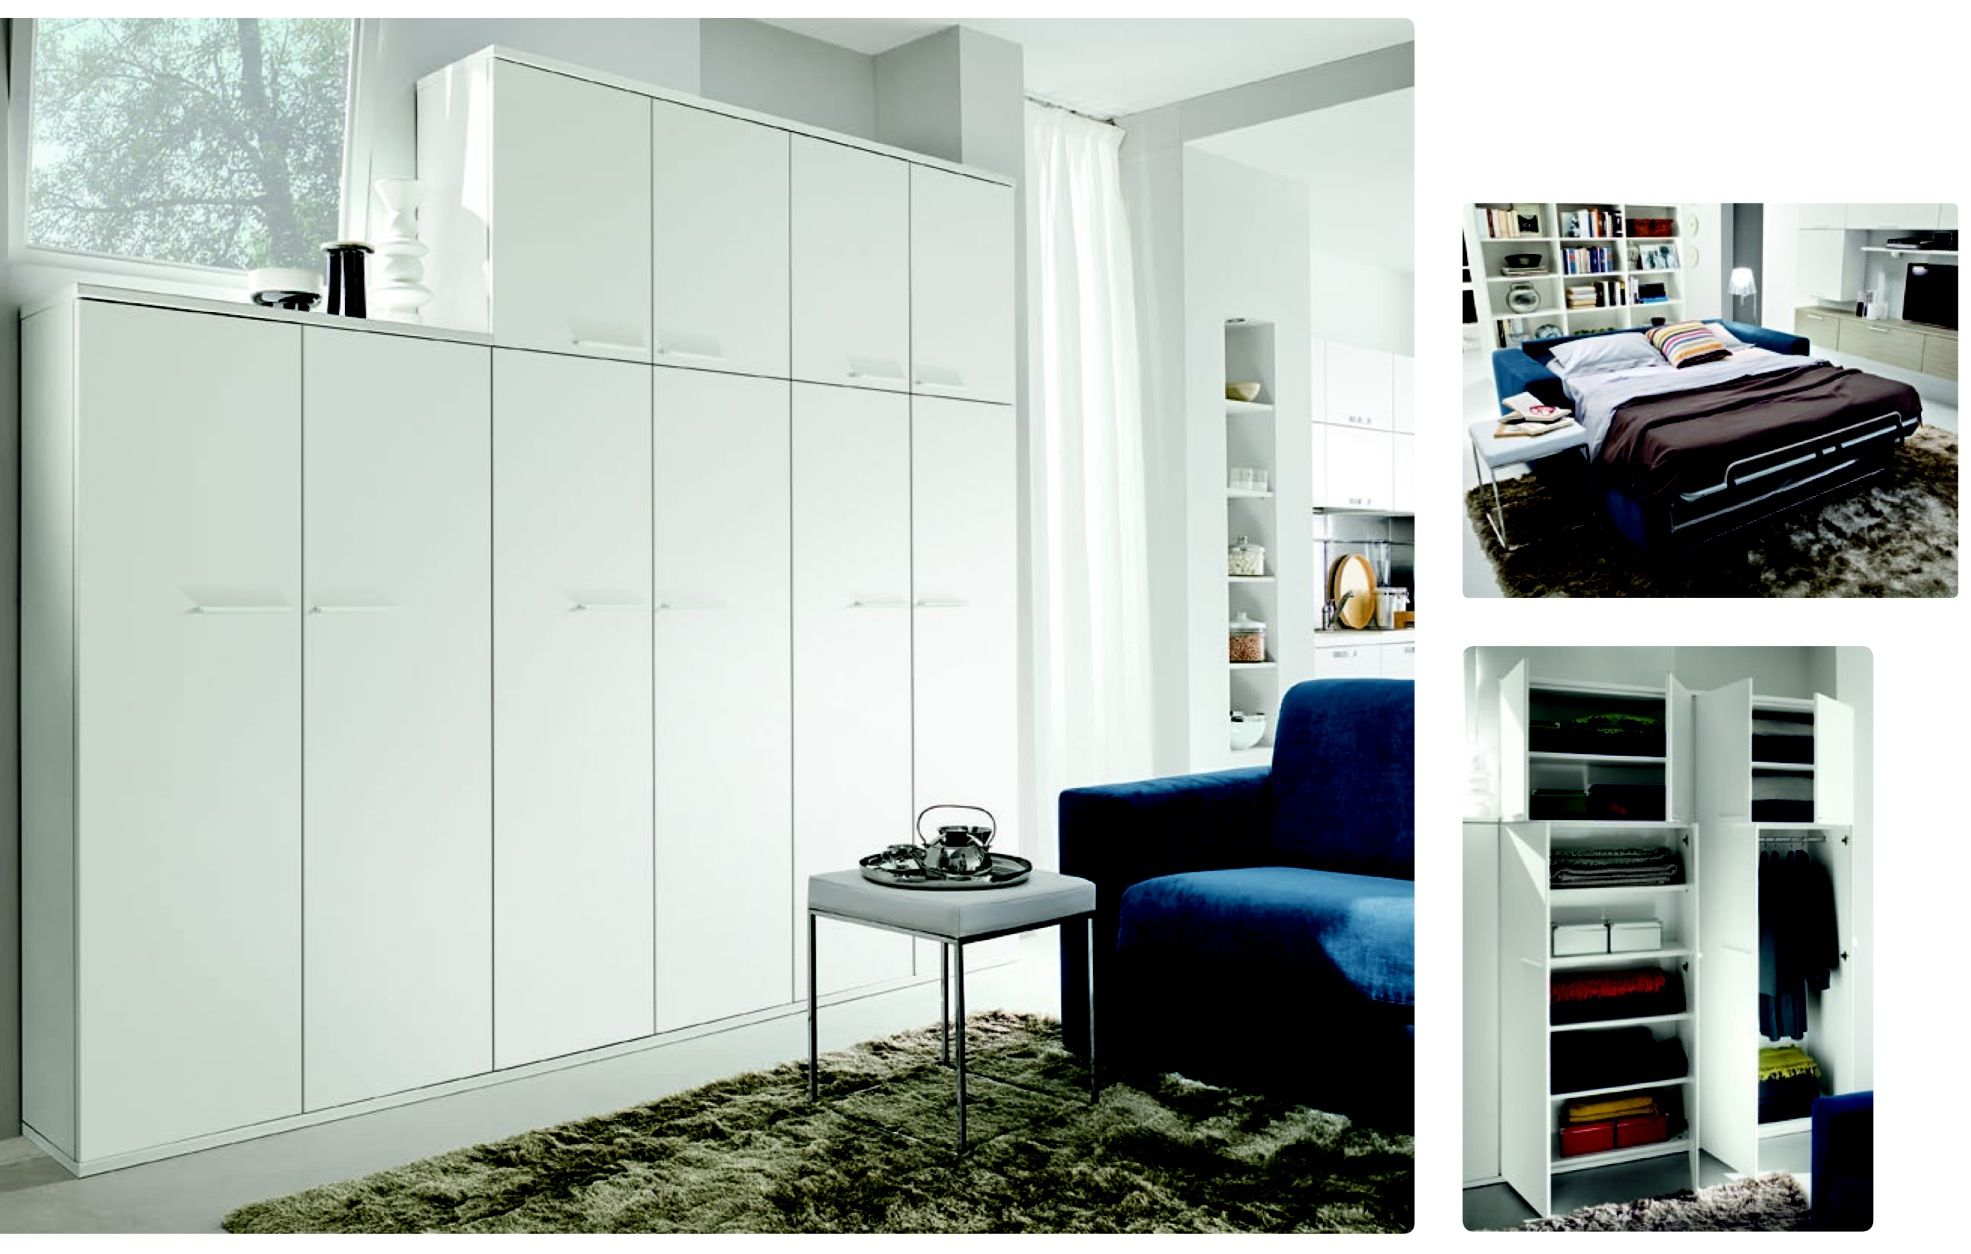 Comp arredamento monolocale 30mq soluzione for Arredamento appartamento completo